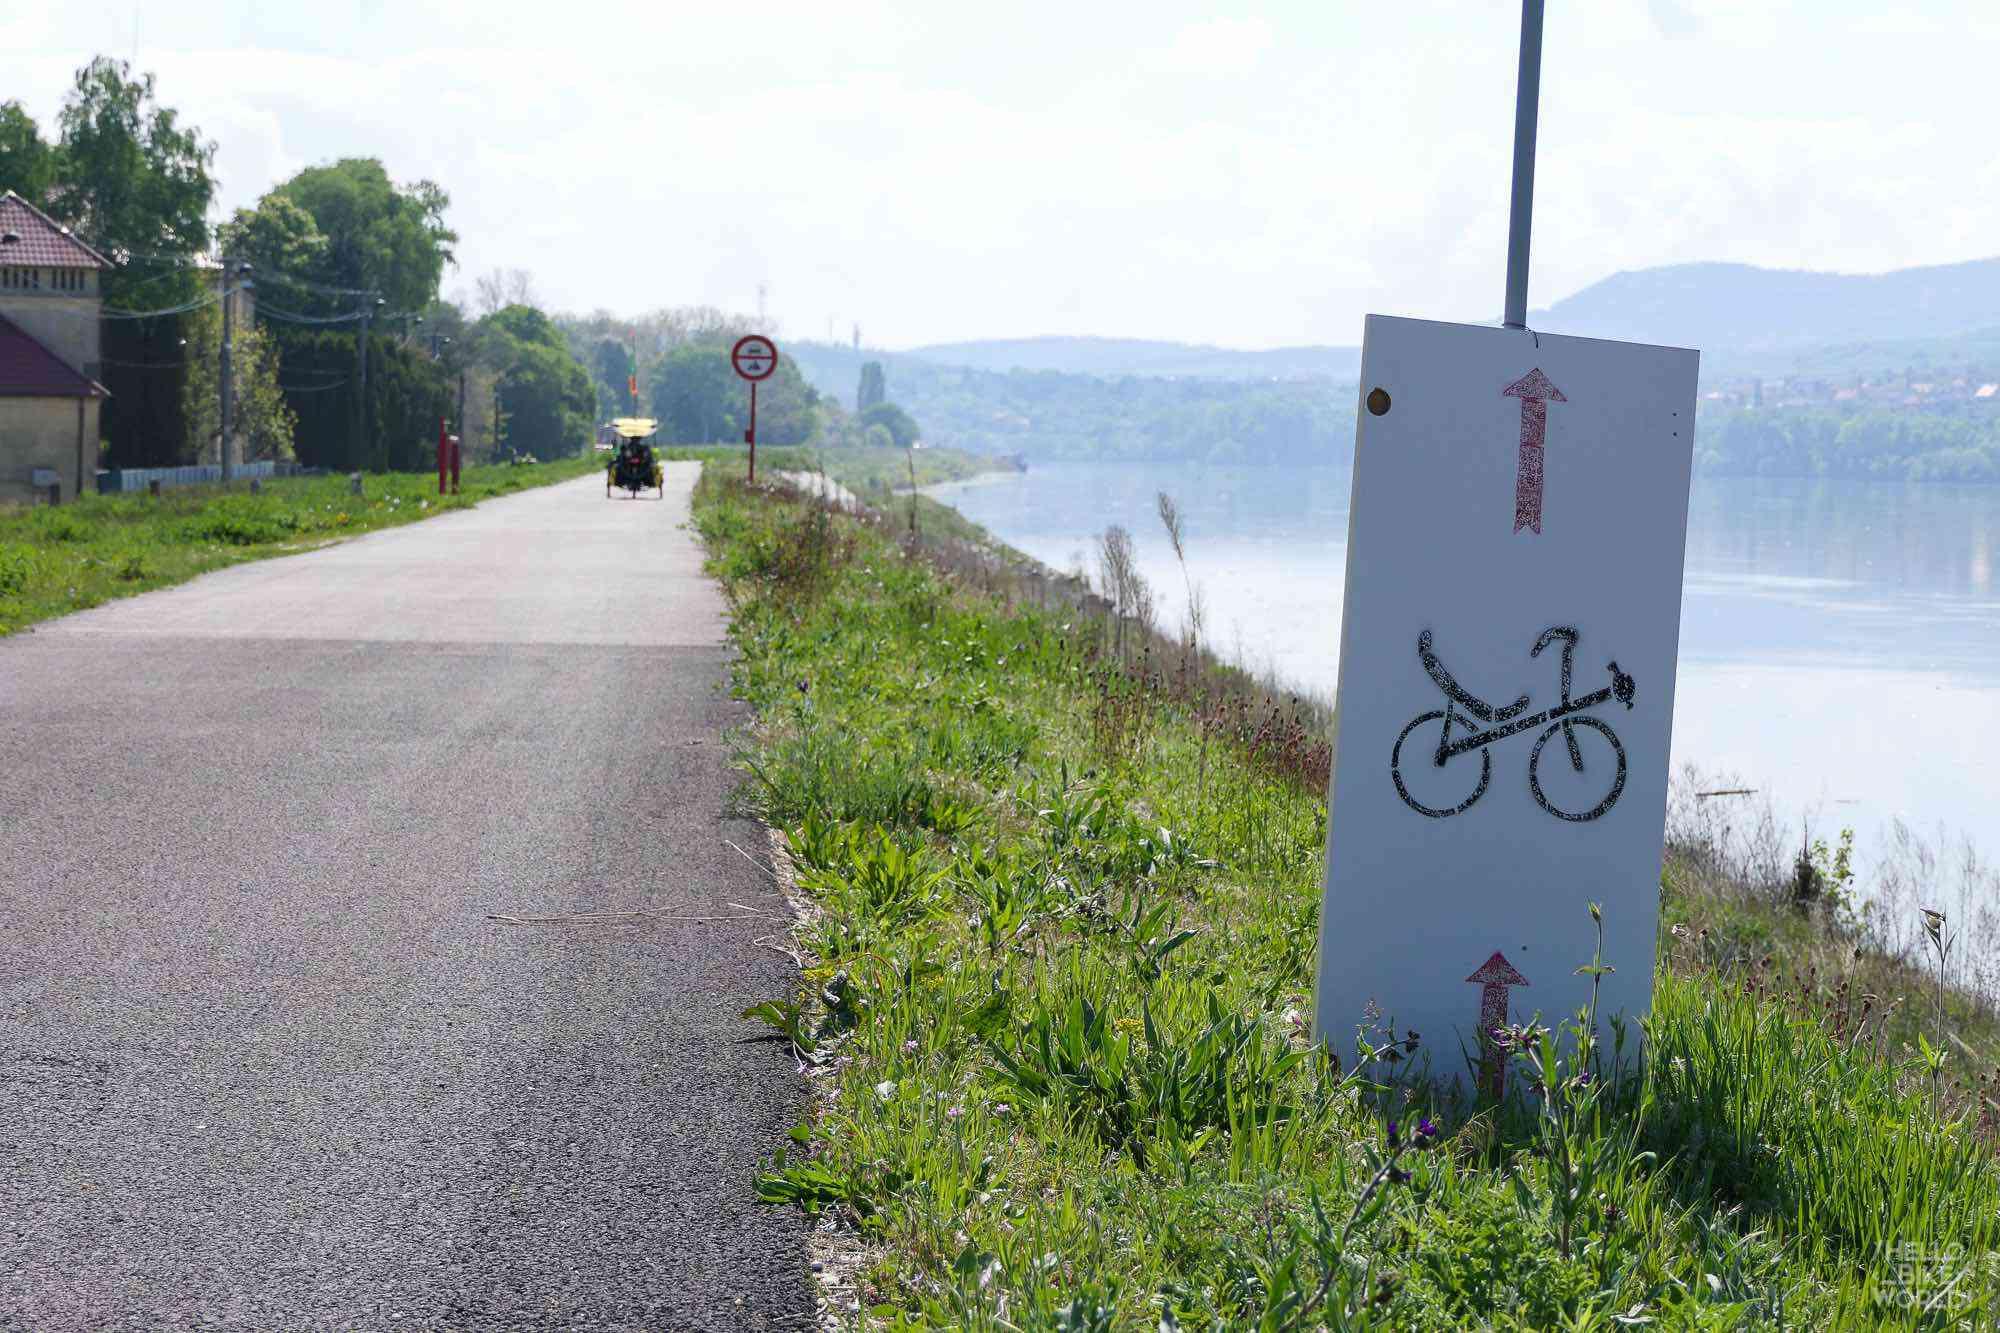 Il faut suivre les panneaux pour arriver au Rekusokk, la fête des vélos couchés